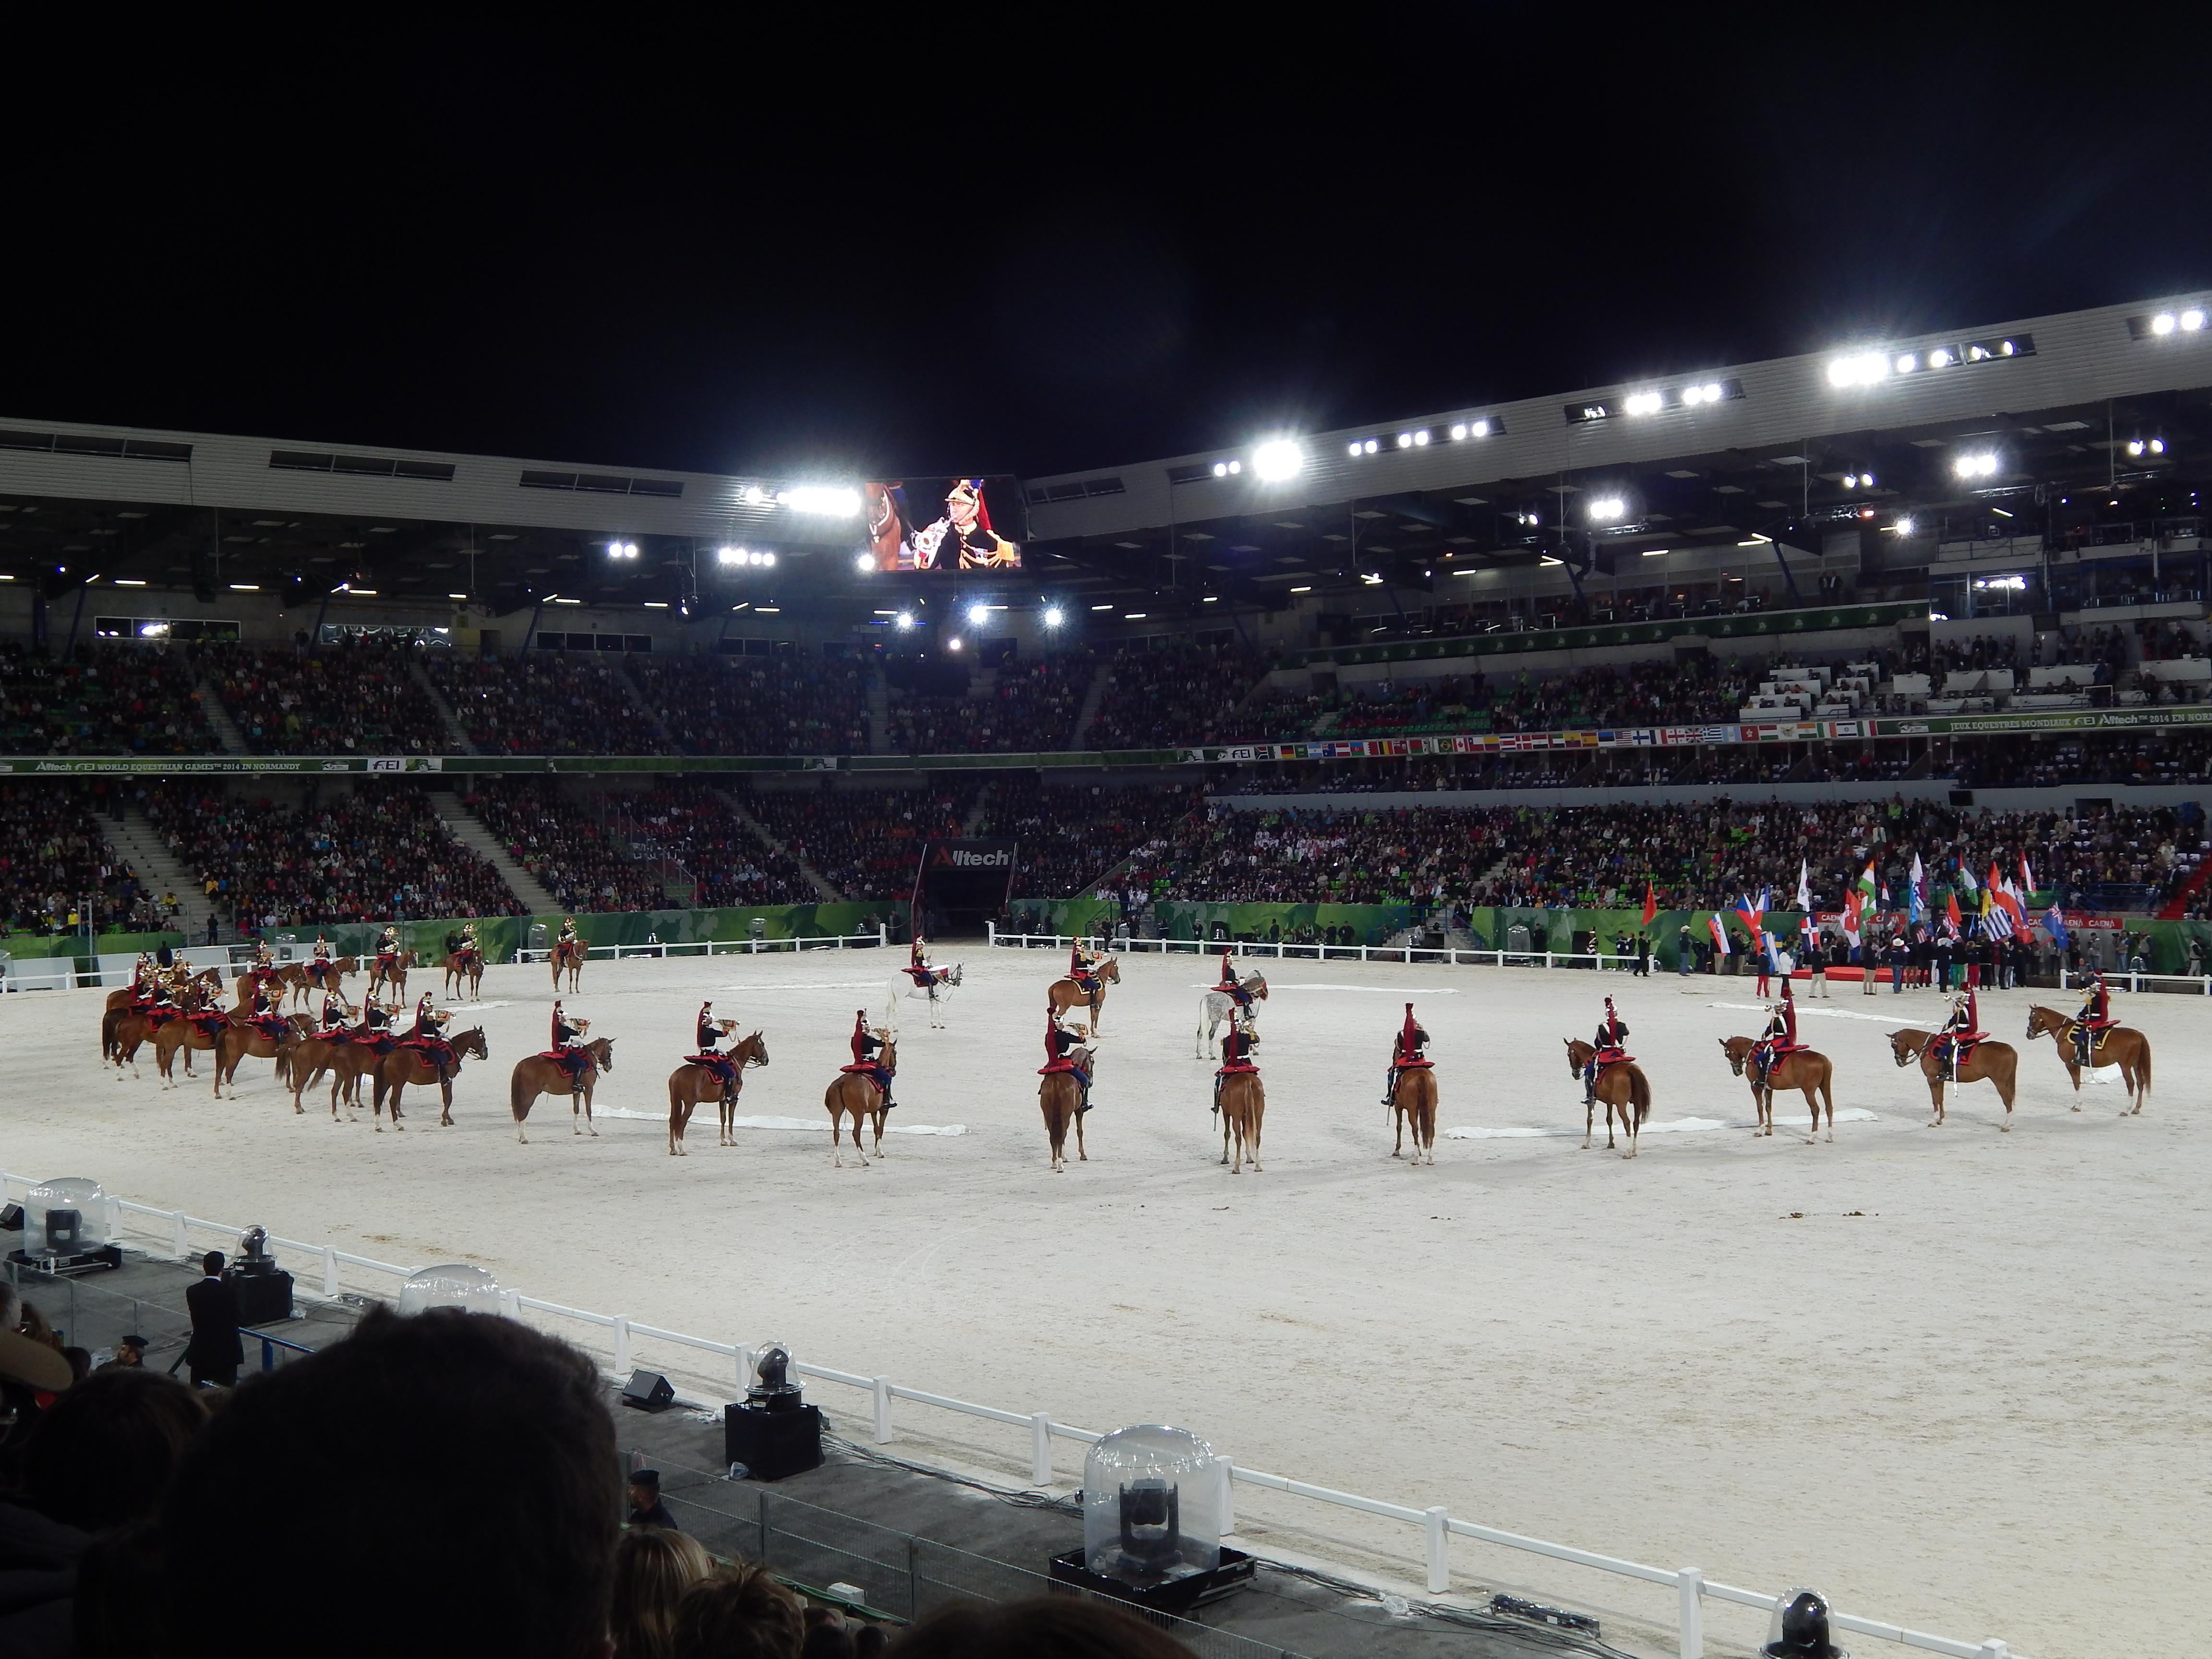 Une soirée à la Cérémonie d'ouverture des Jeux Equestre Mondiaux